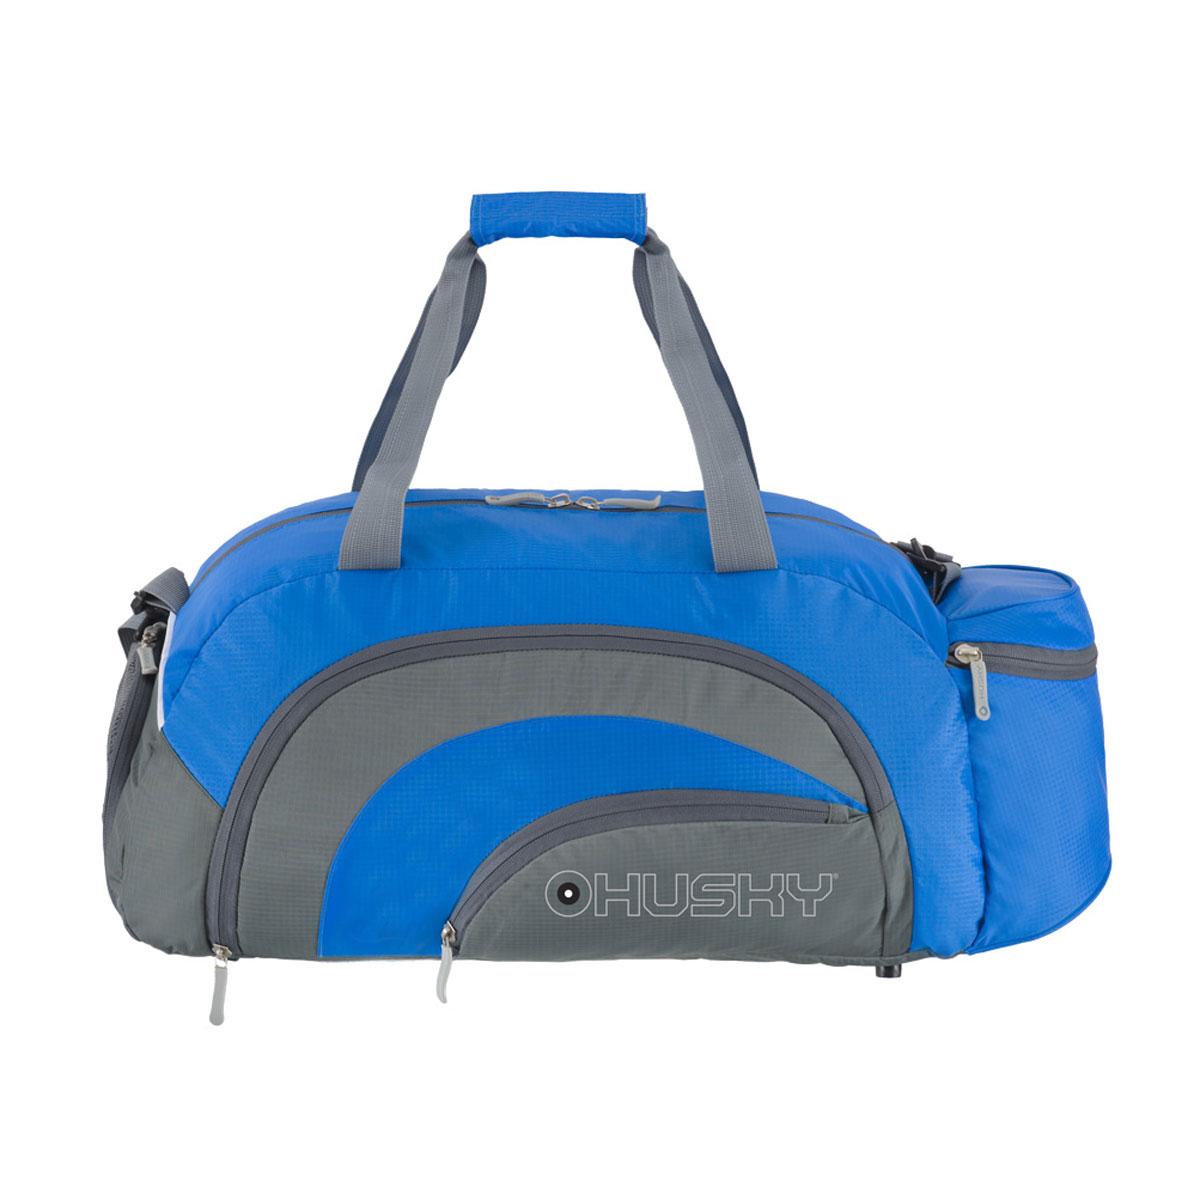 Сумка спортивная Husky Glade 38, цвет: синийУТ-000057662Комфортная и практичная спортивная сумка Glade 38. Особенности модели: Водонепроницаемая ткань, Карман для обуви с вентиляцией, Три наружных кармана, Внутренний органайзер, Съемный наплечный ремень.